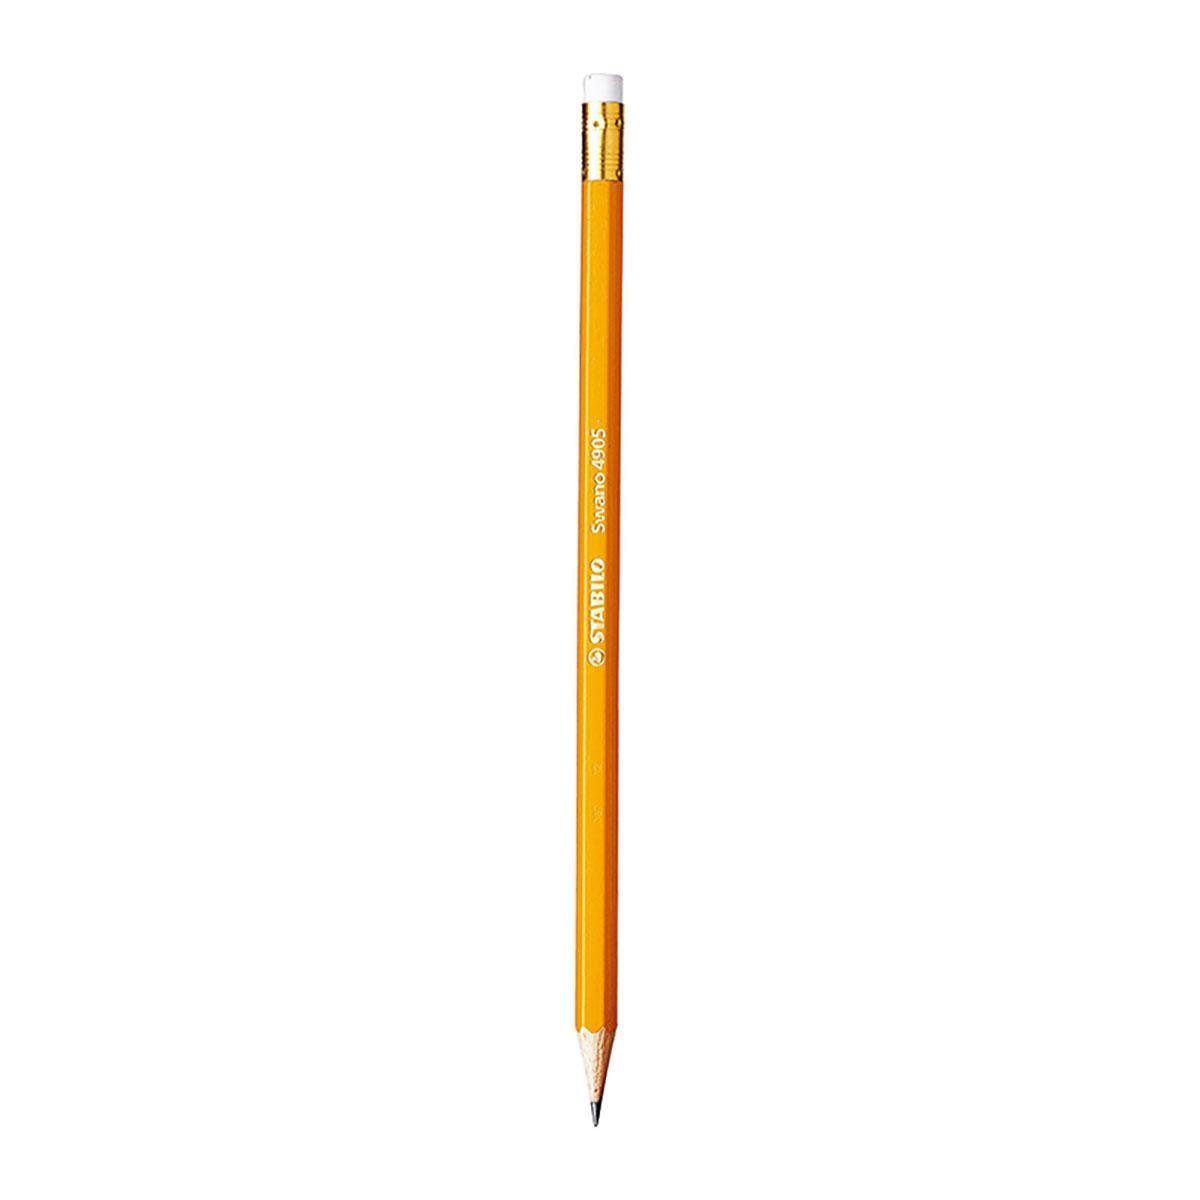 Bộ 3 cây bút chì gỗ STABILO Swano có đầu tẩy thân vàng + gôm tẩy ER193 (PC4905-C3+)